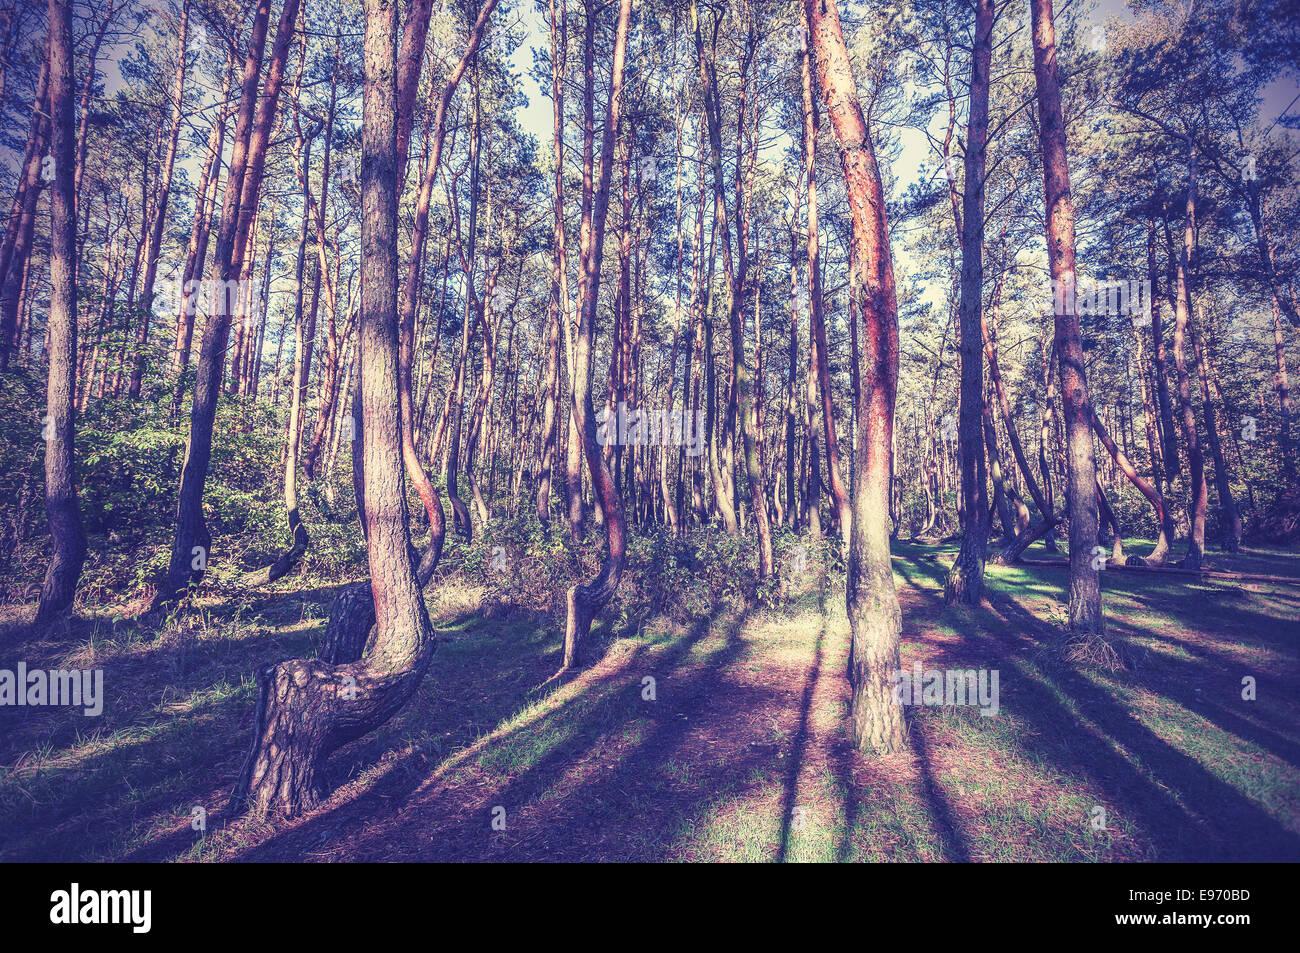 In stile vintage immagine della foresta storta, Polonia. Immagini Stock